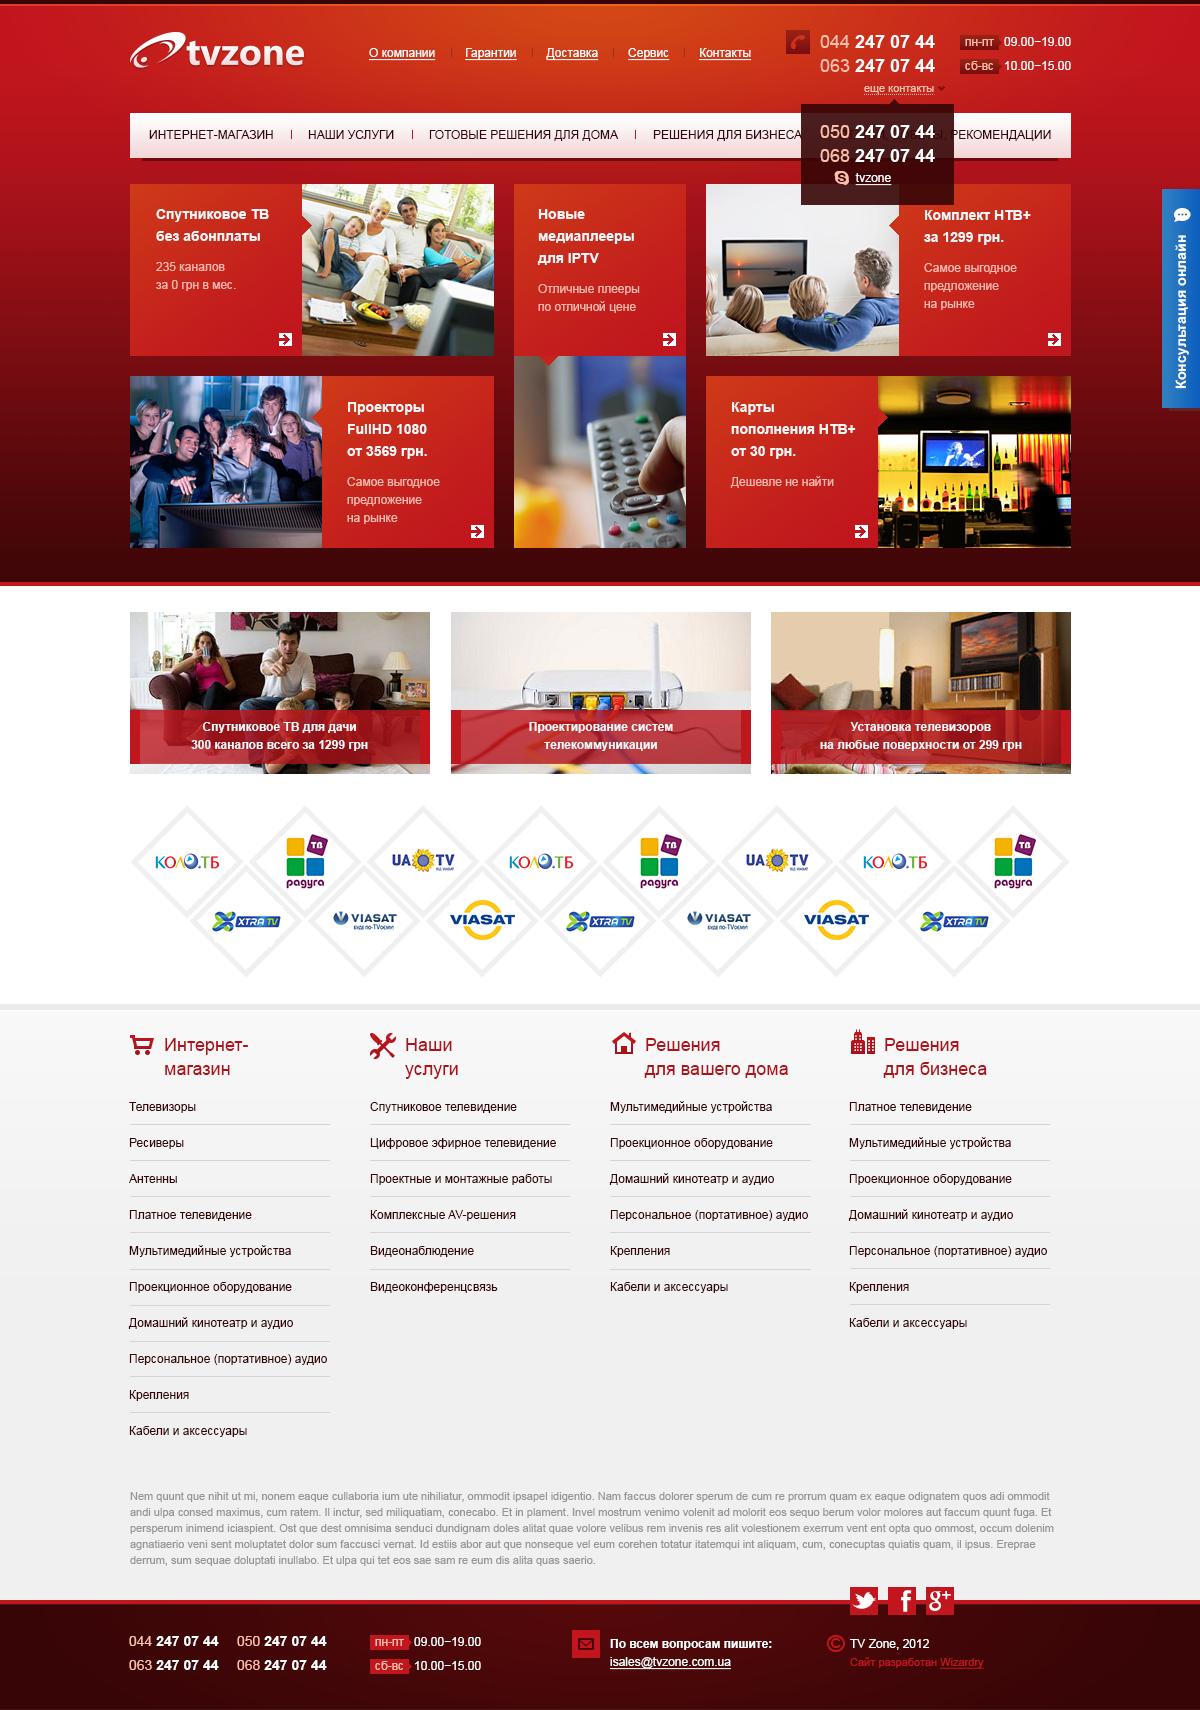 tvzone site design